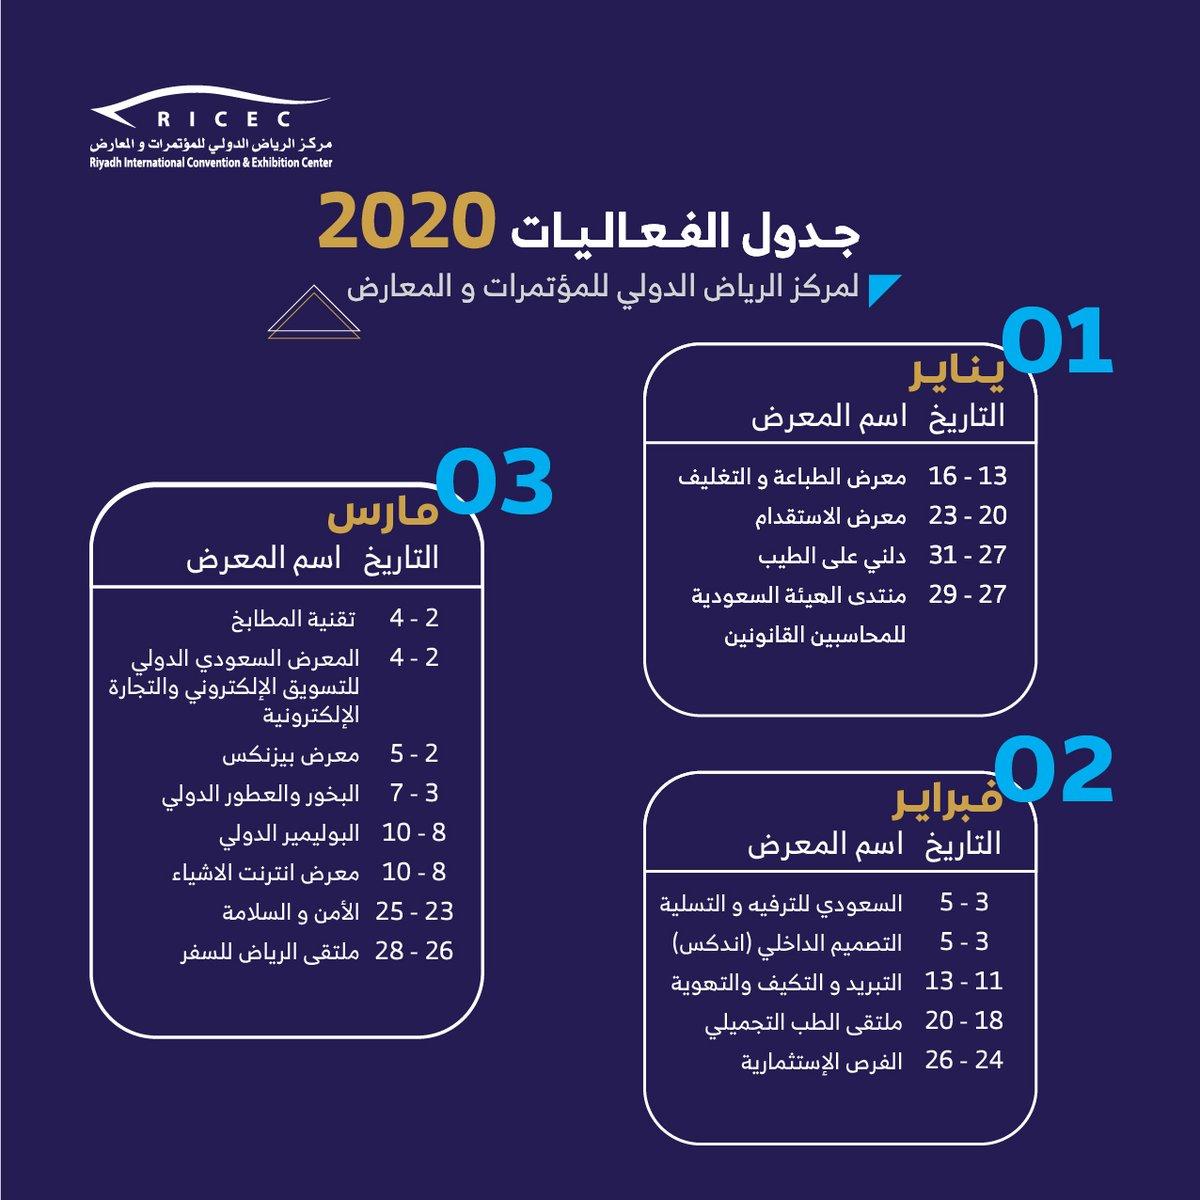 مركز الرياض الدولي للمؤتمرات